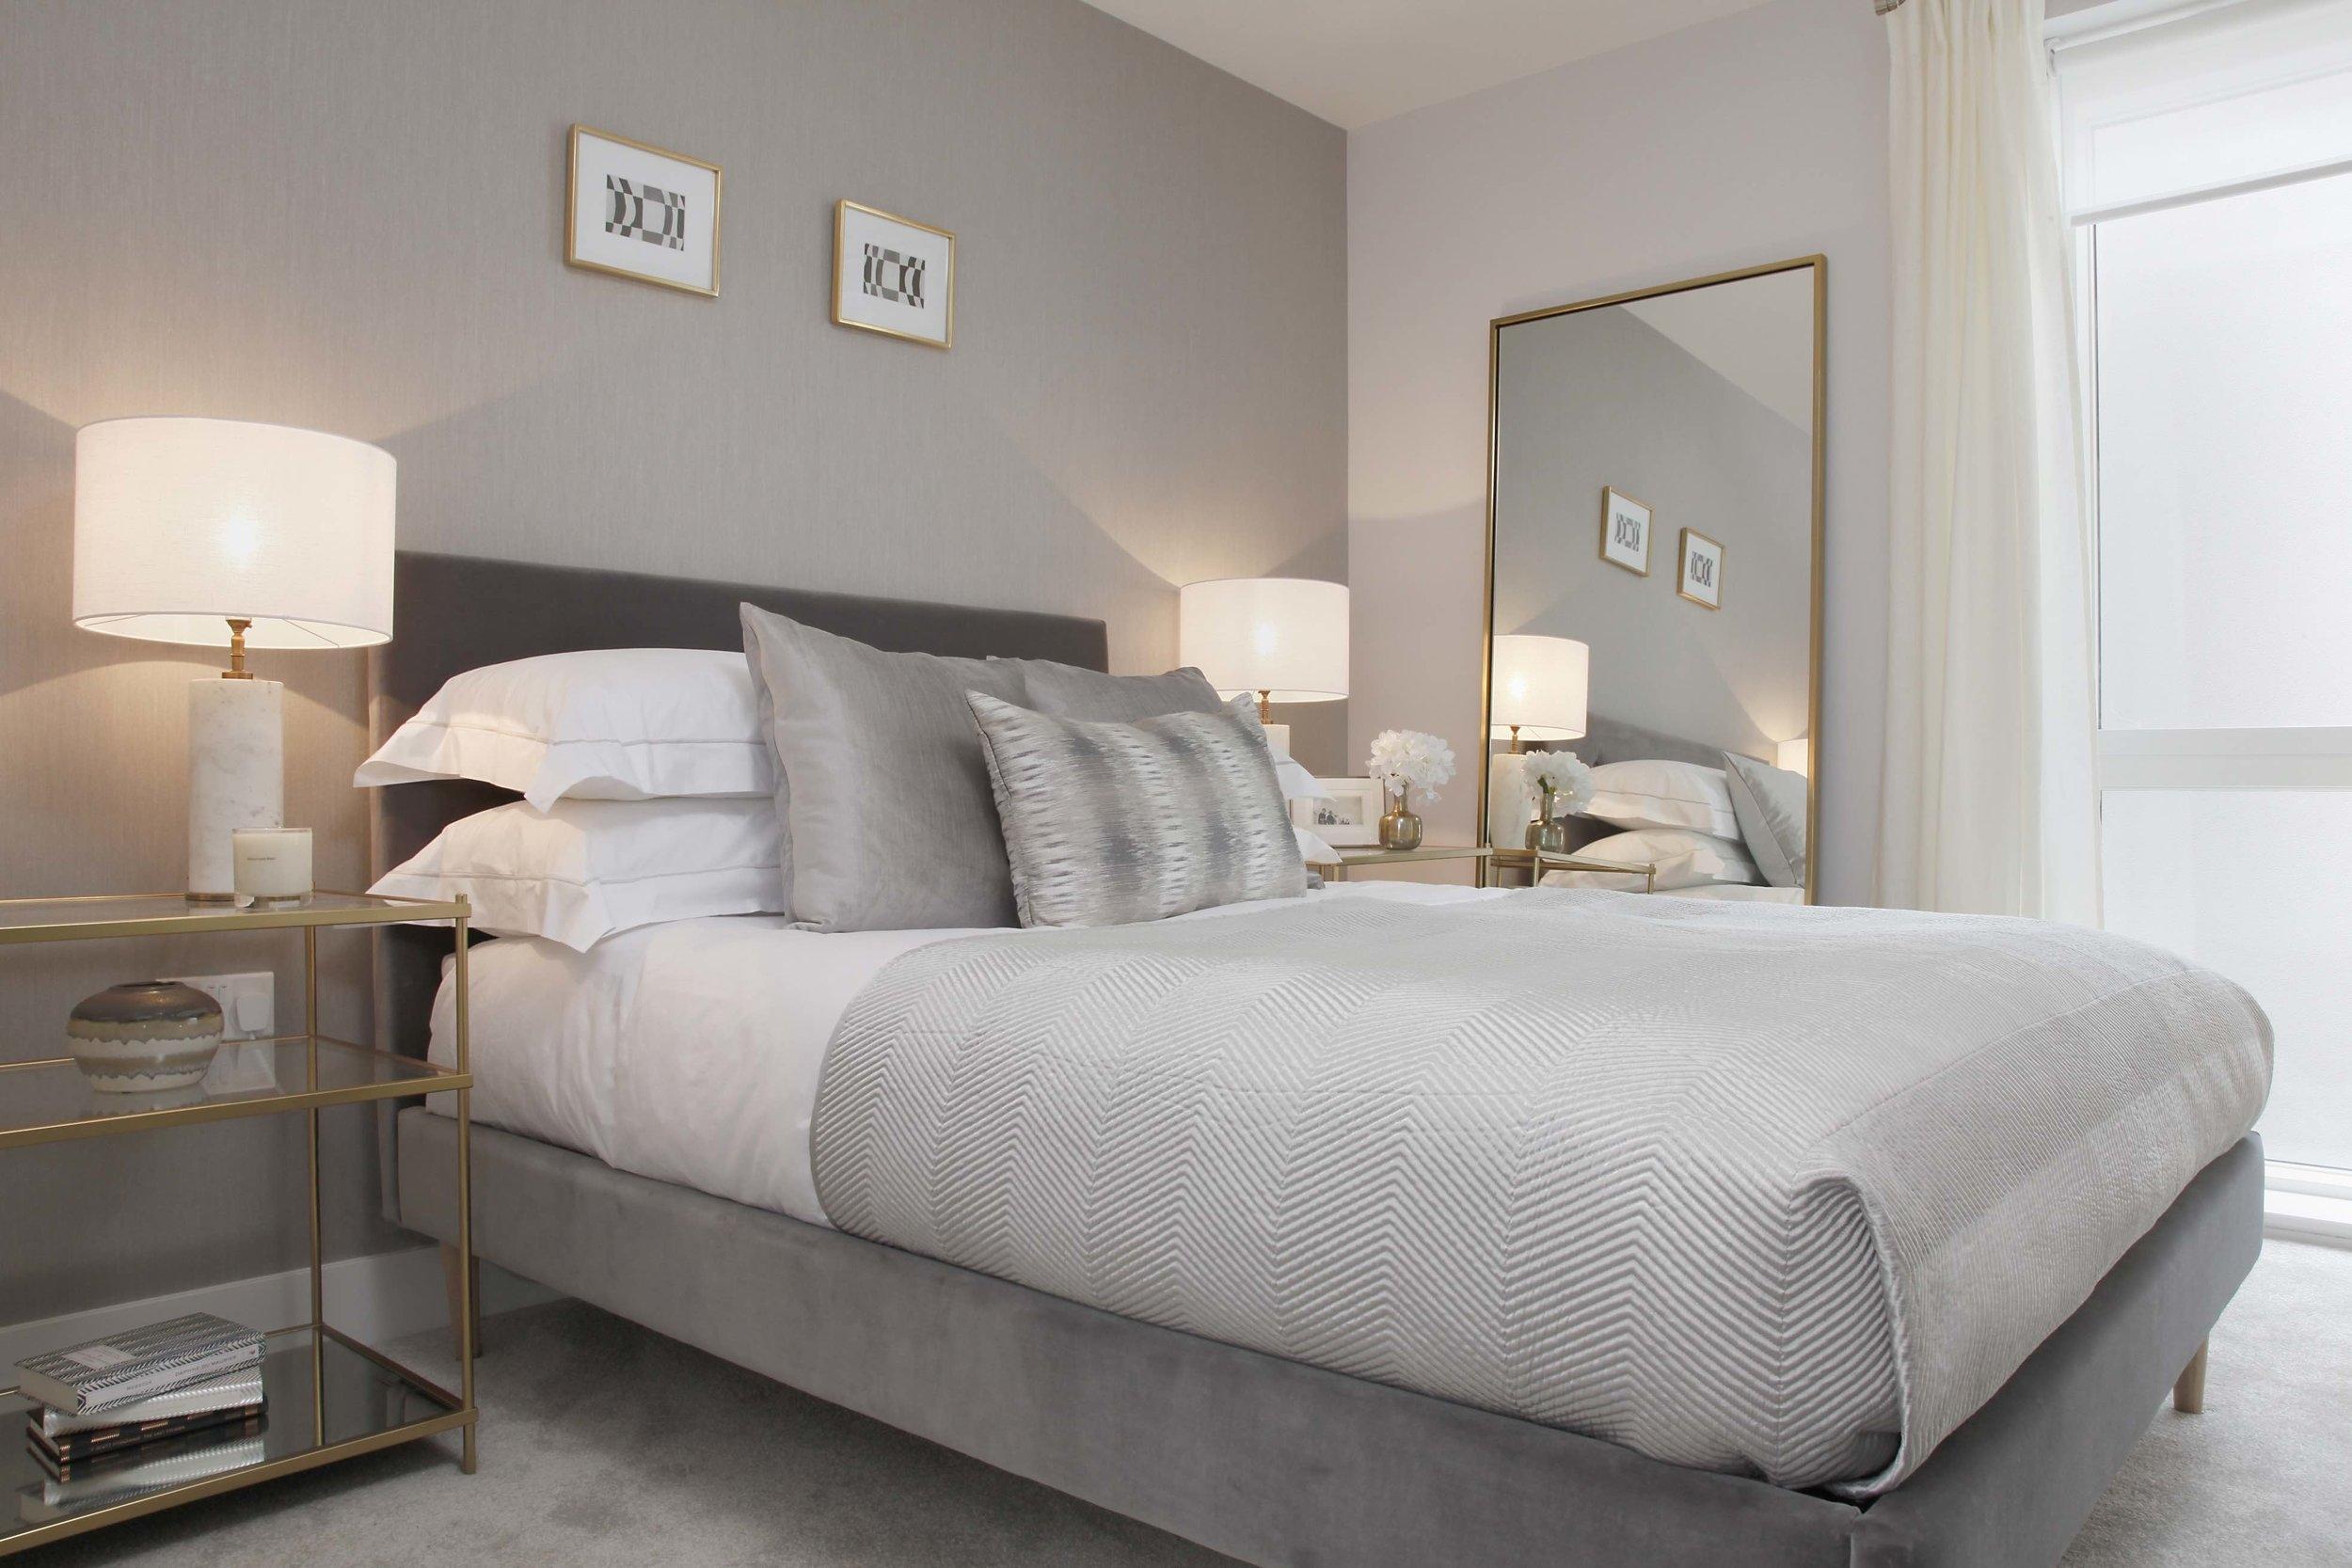 bedroomNo2.jpg